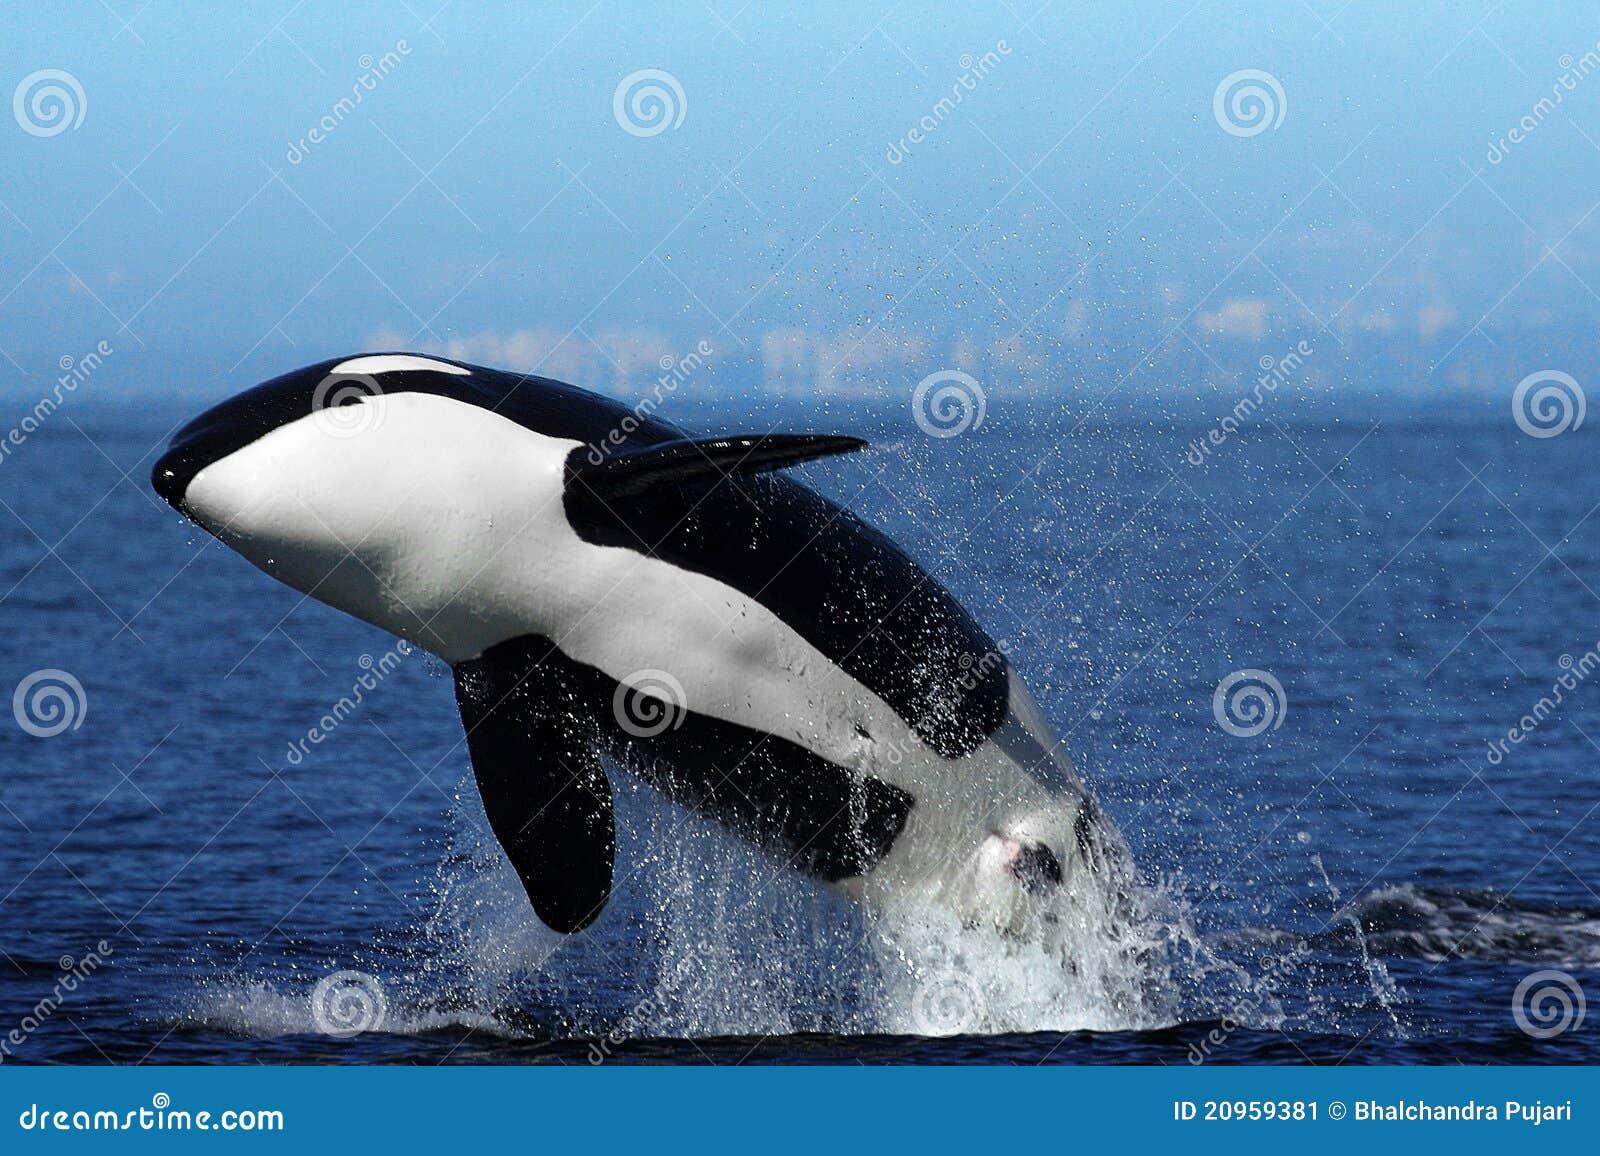 Orca (Killer Whale) breaching